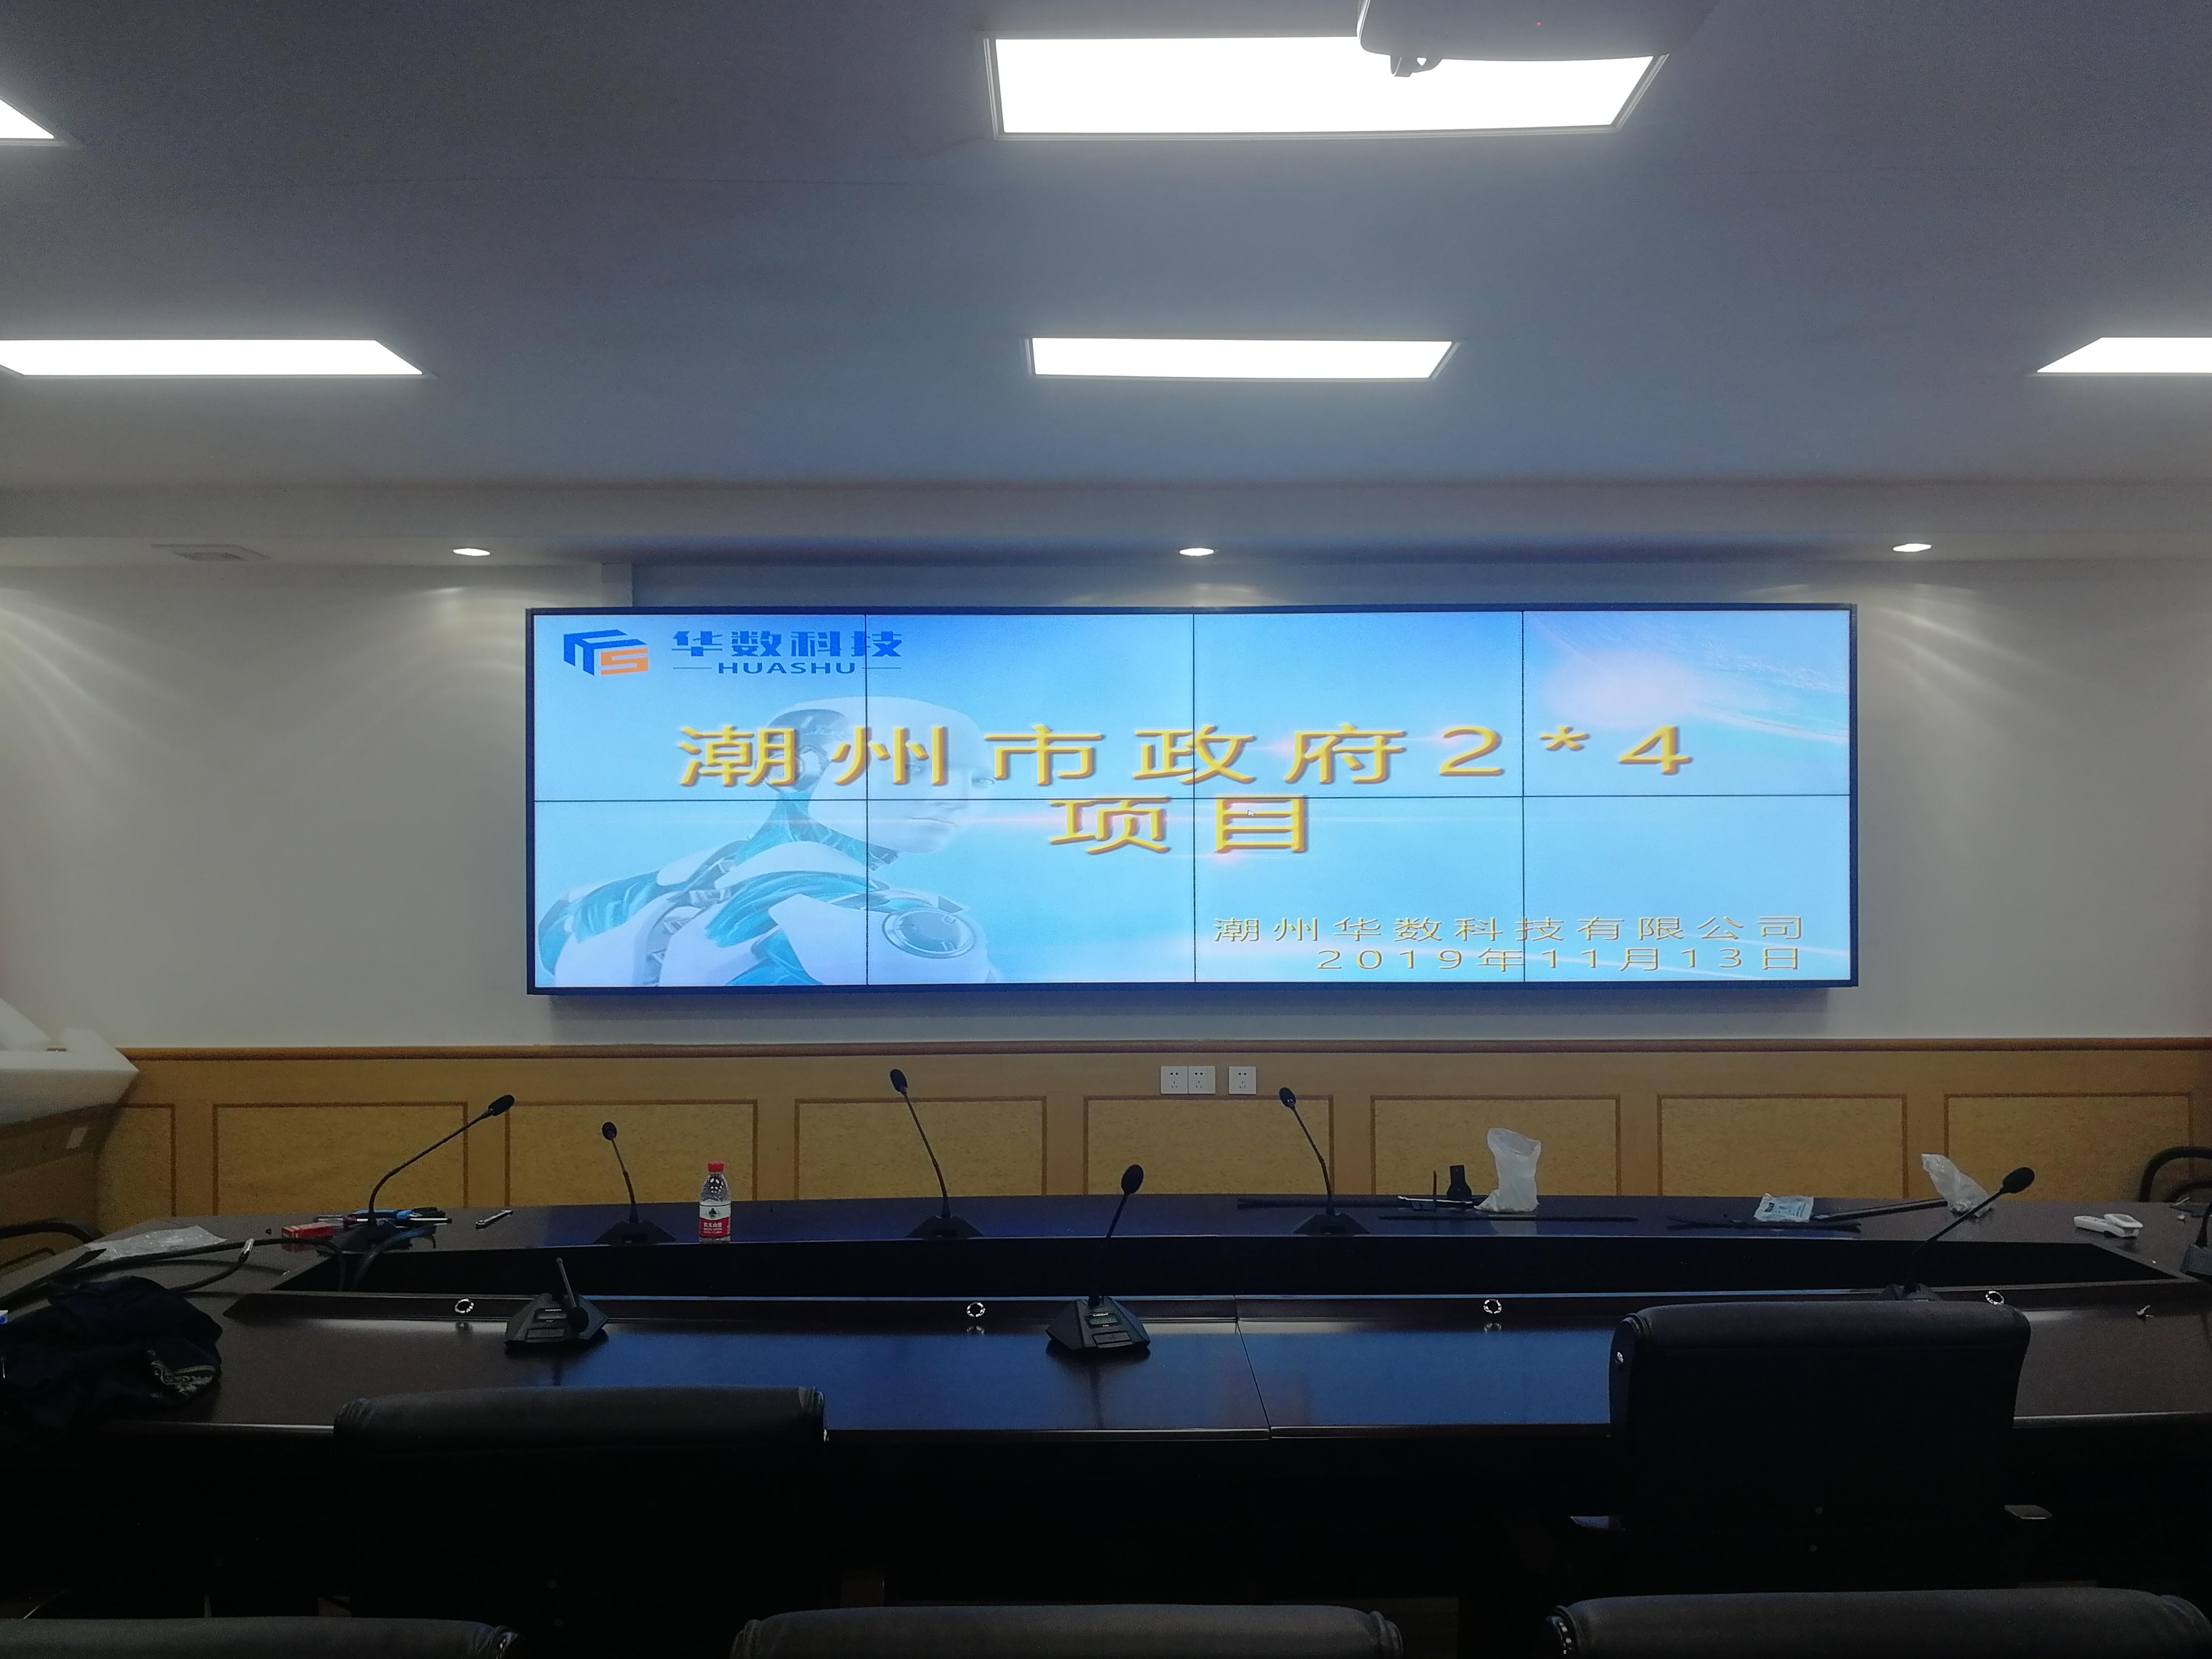 潮州市政府55寸2X4高清拼接幕墻